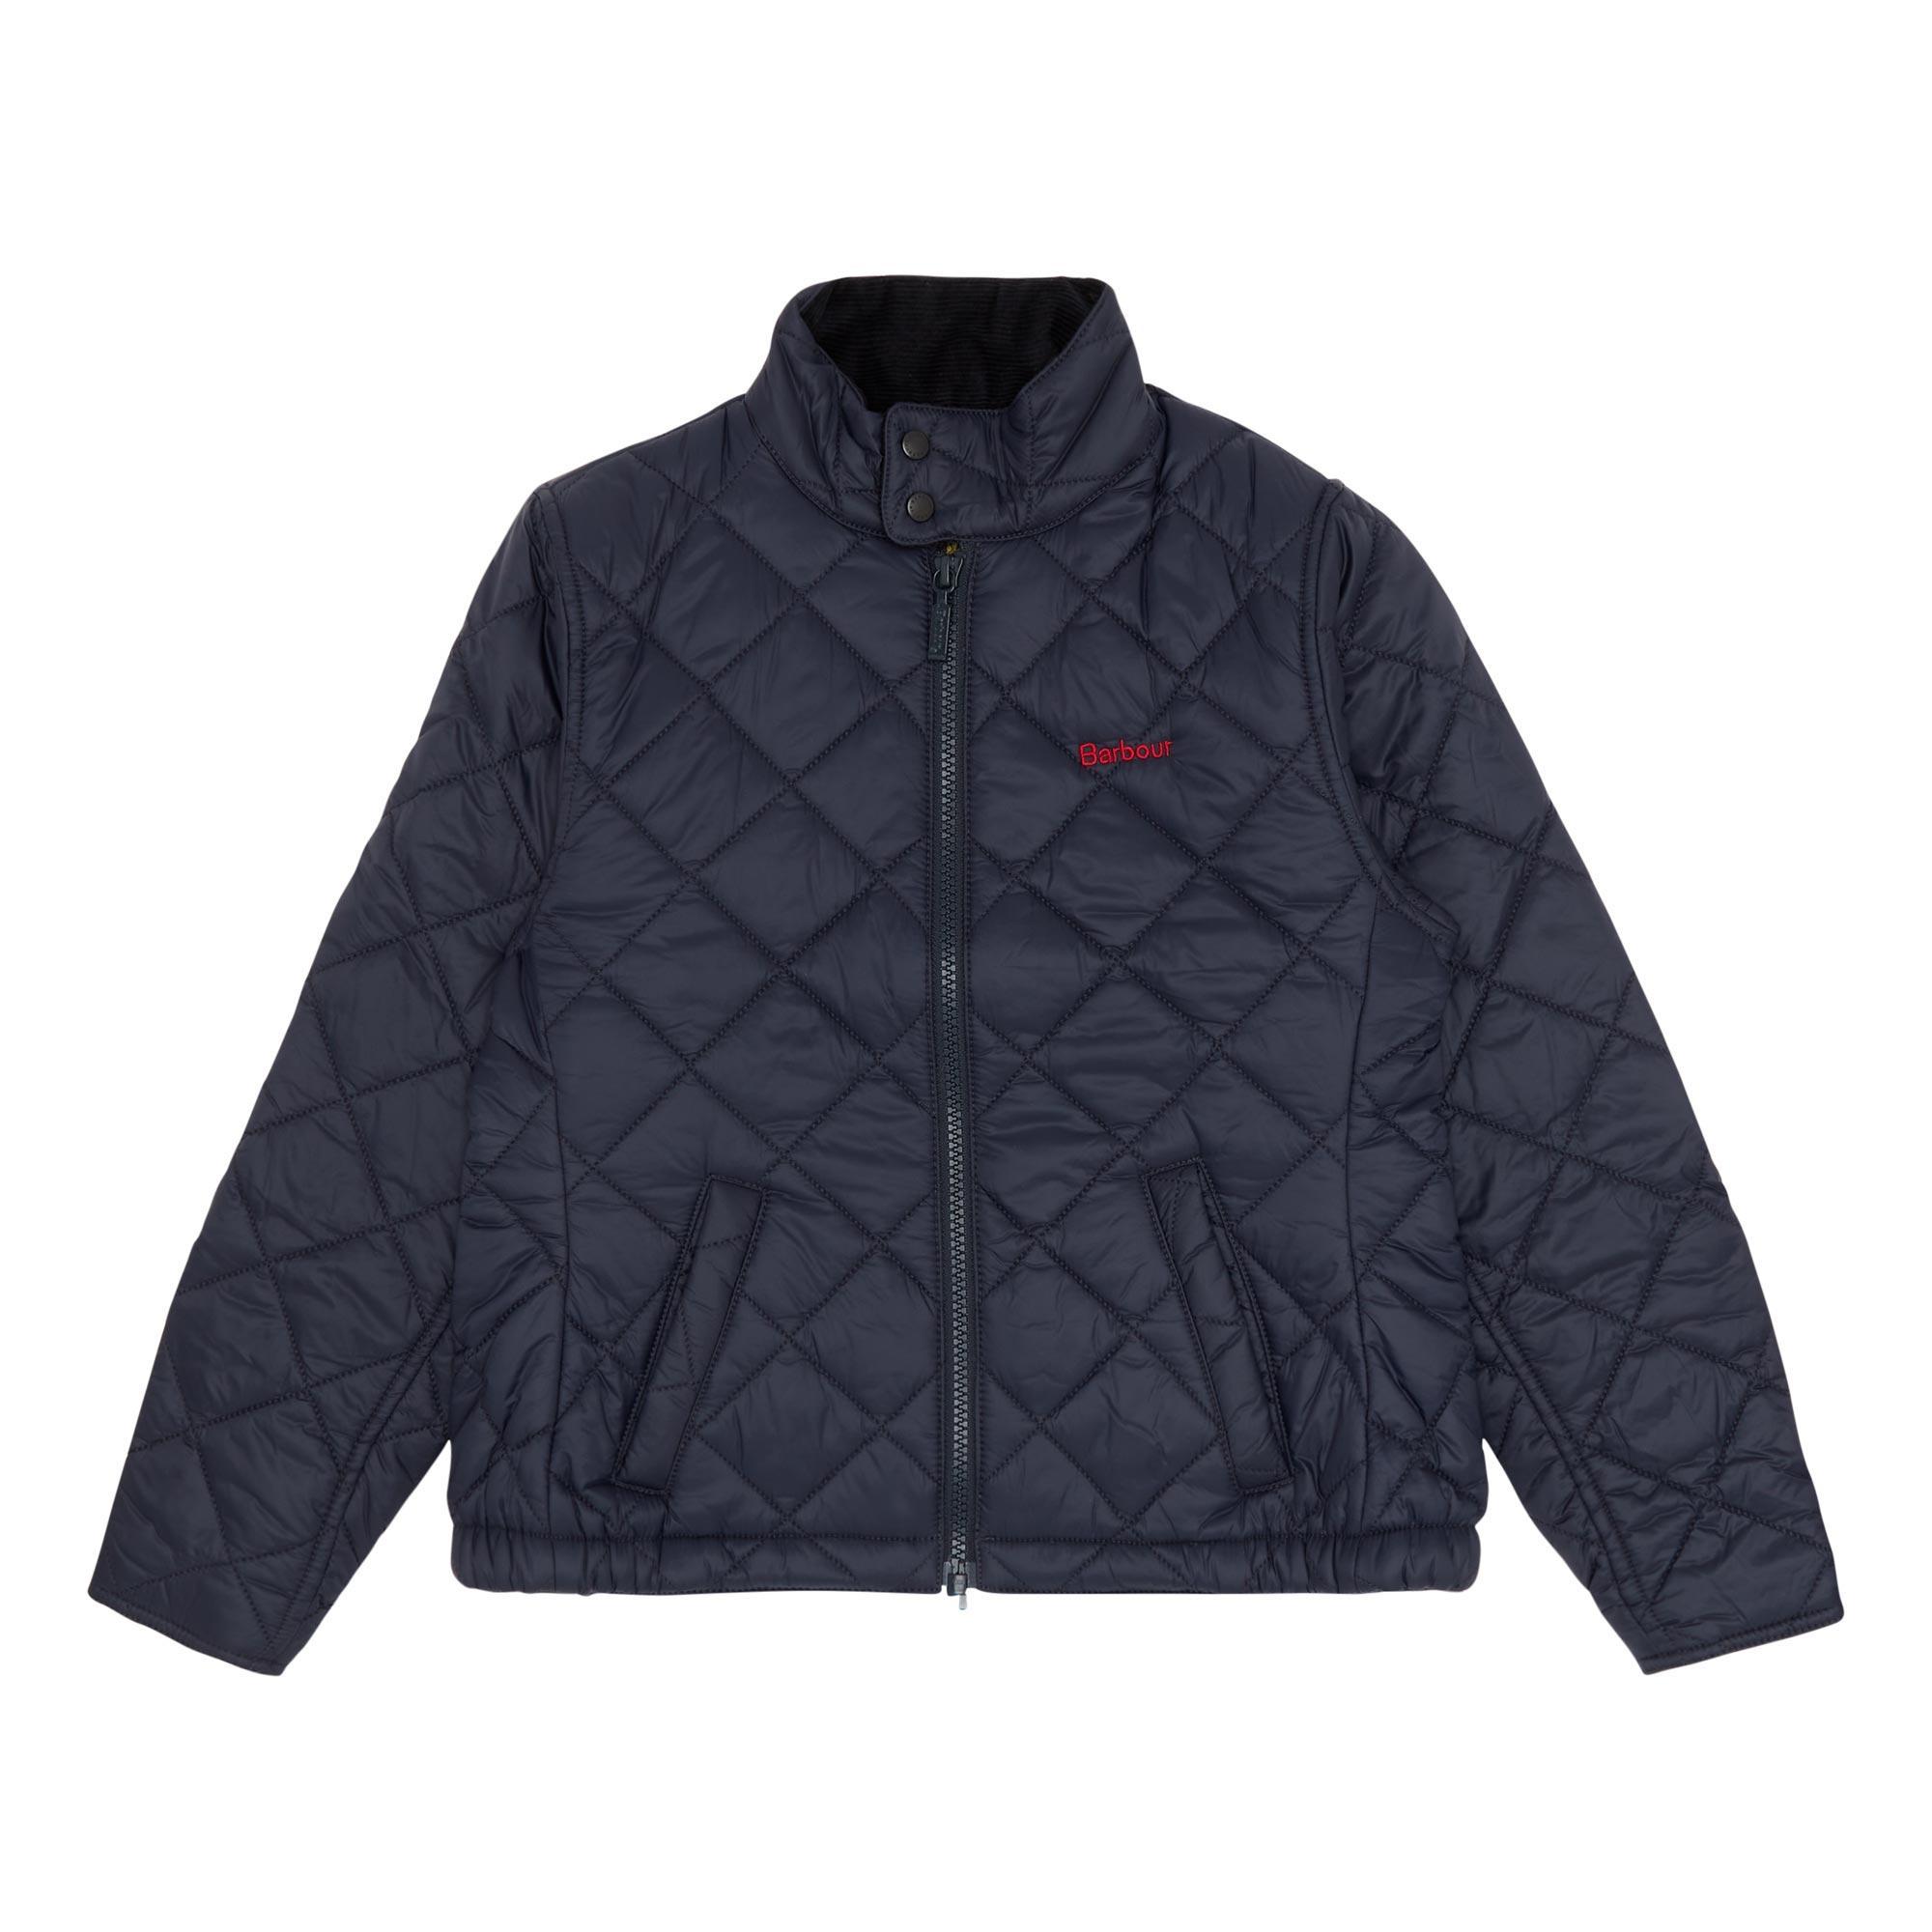 Biddel Quilted Jacket